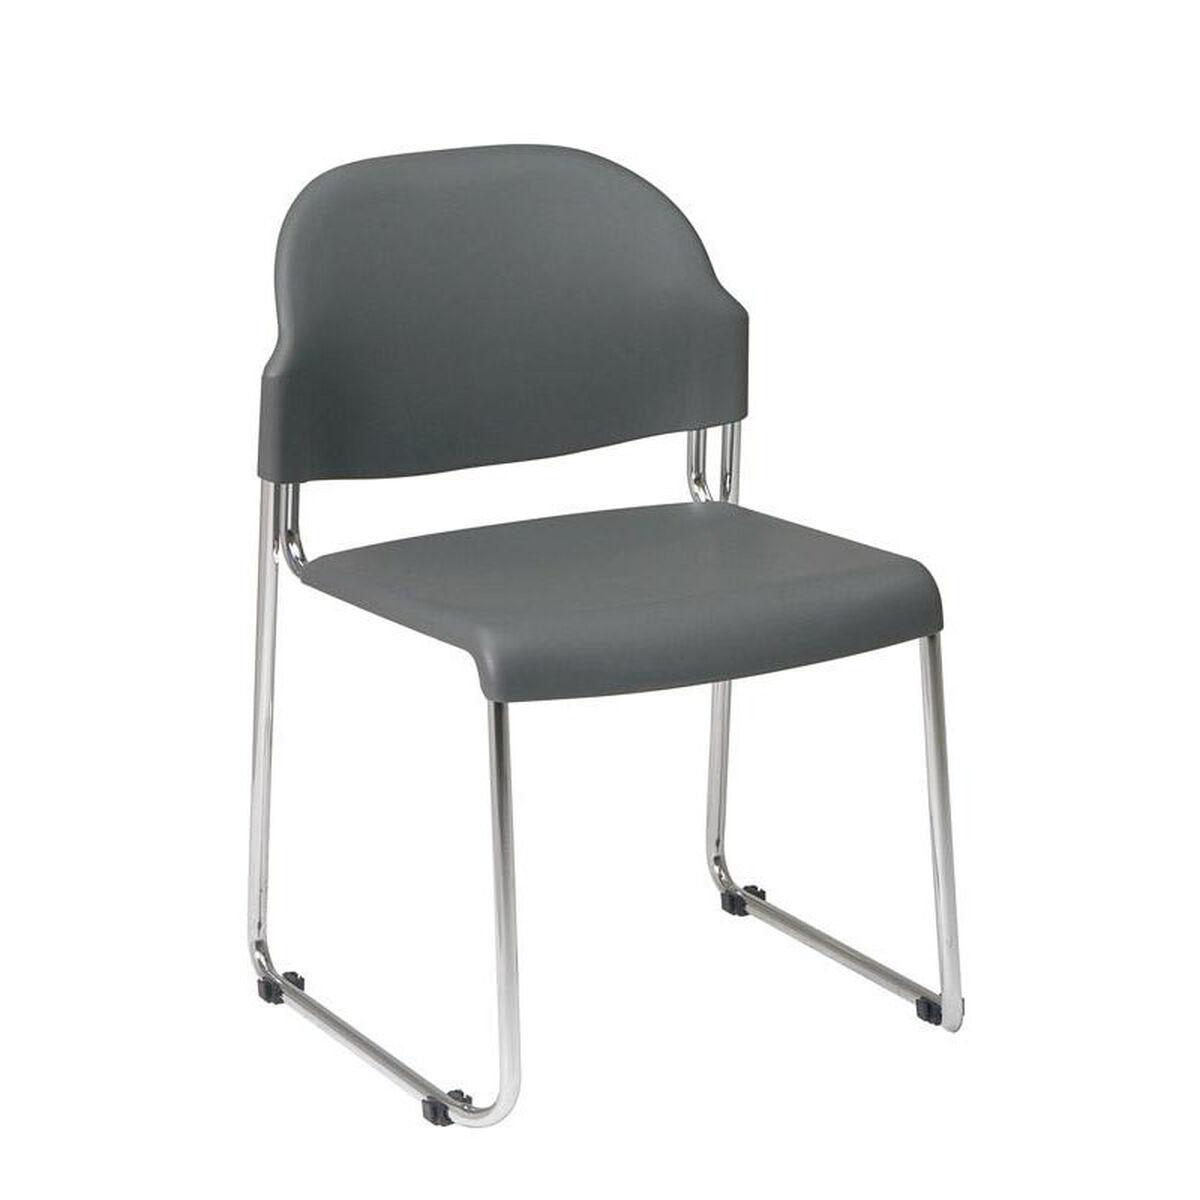 set of 4 work smart stack chair stc3030 3. Black Bedroom Furniture Sets. Home Design Ideas